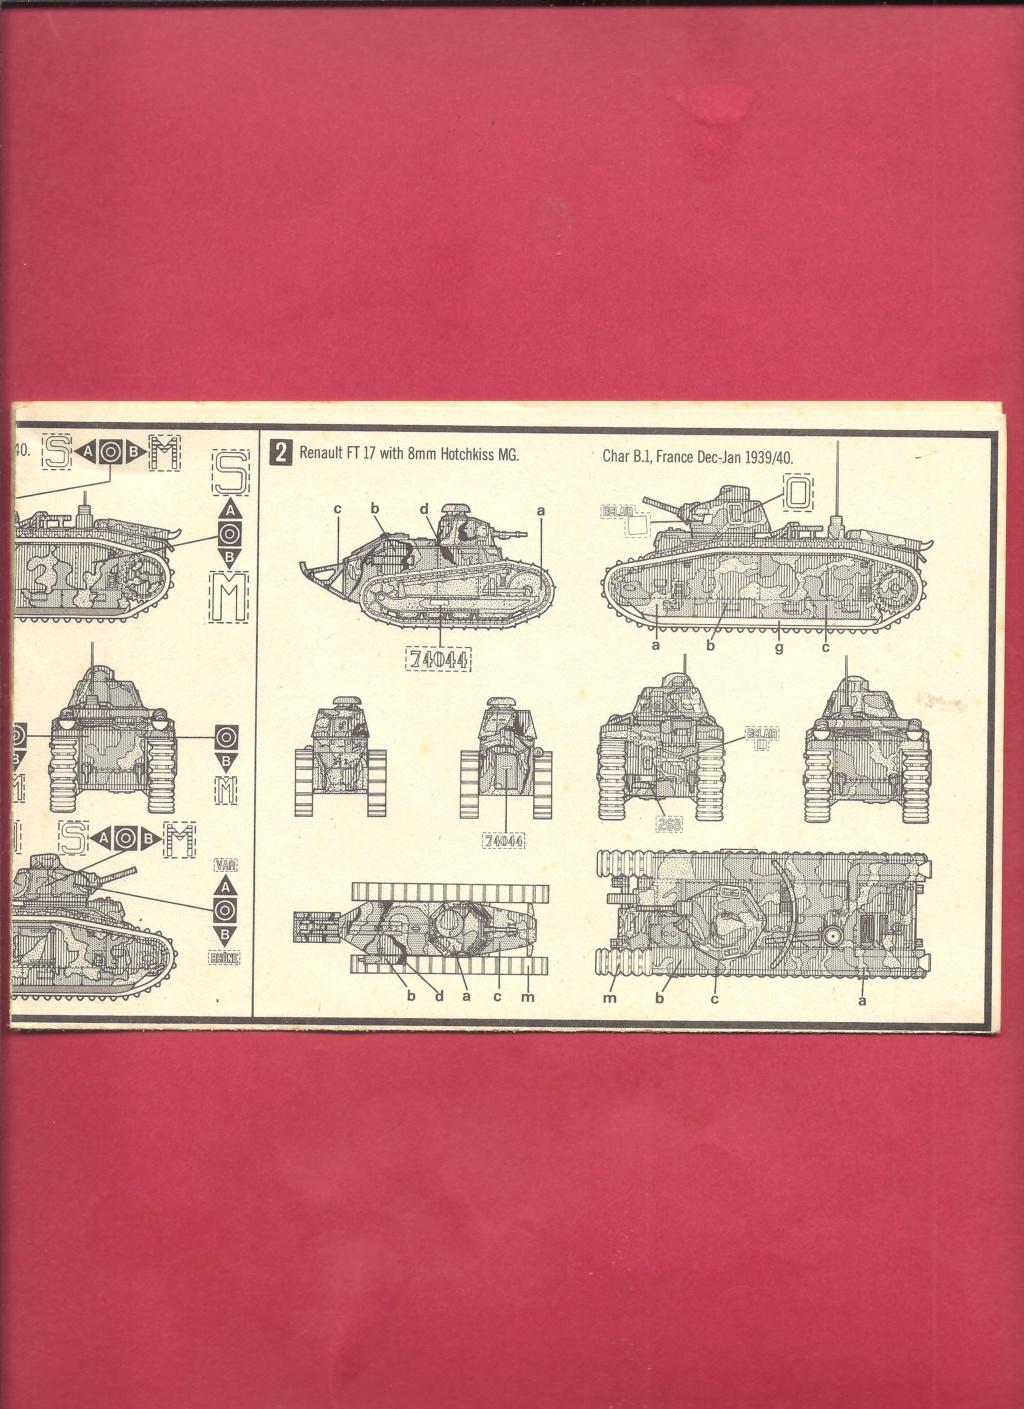 [MATCHBOX] Char B.1 bis et RENAULT FT 17 1/76ème Réf 40176 Notice Matchb27